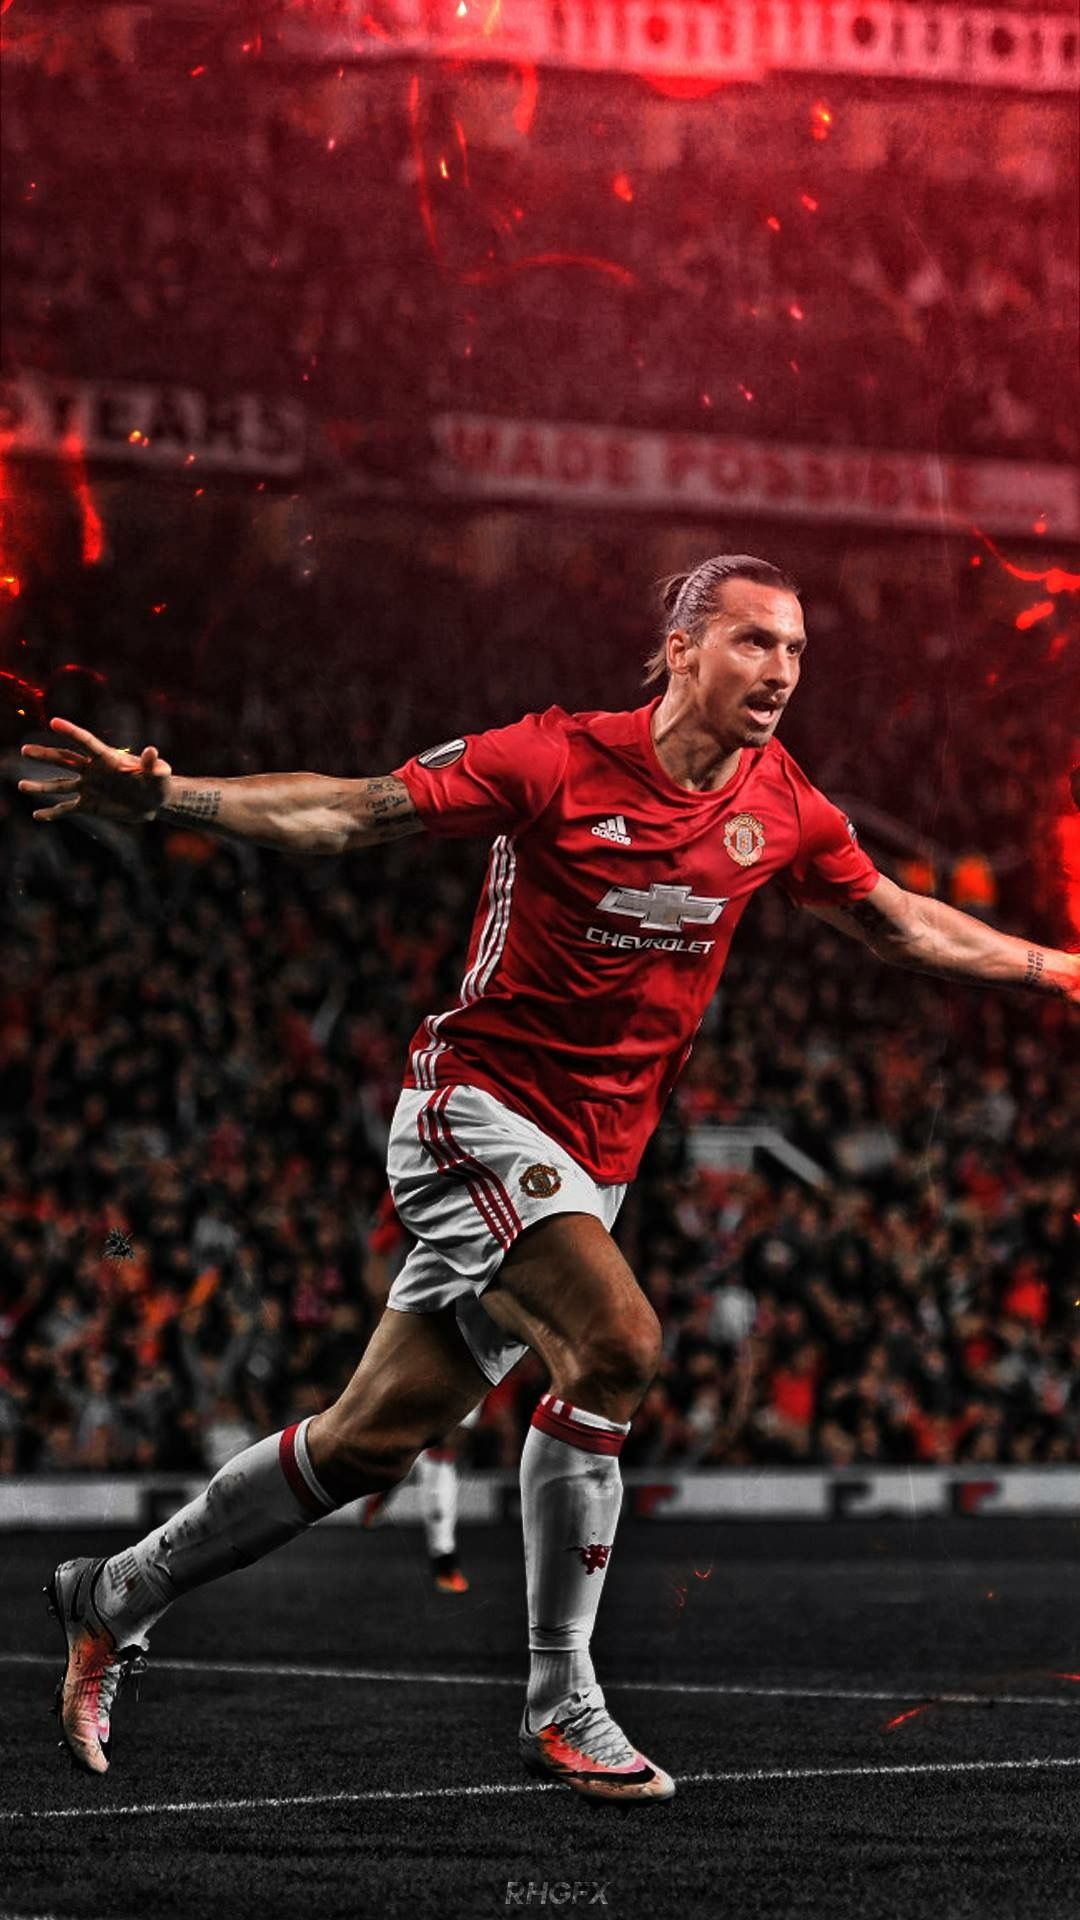 Ibrahimovic Man Utd Wallpaper